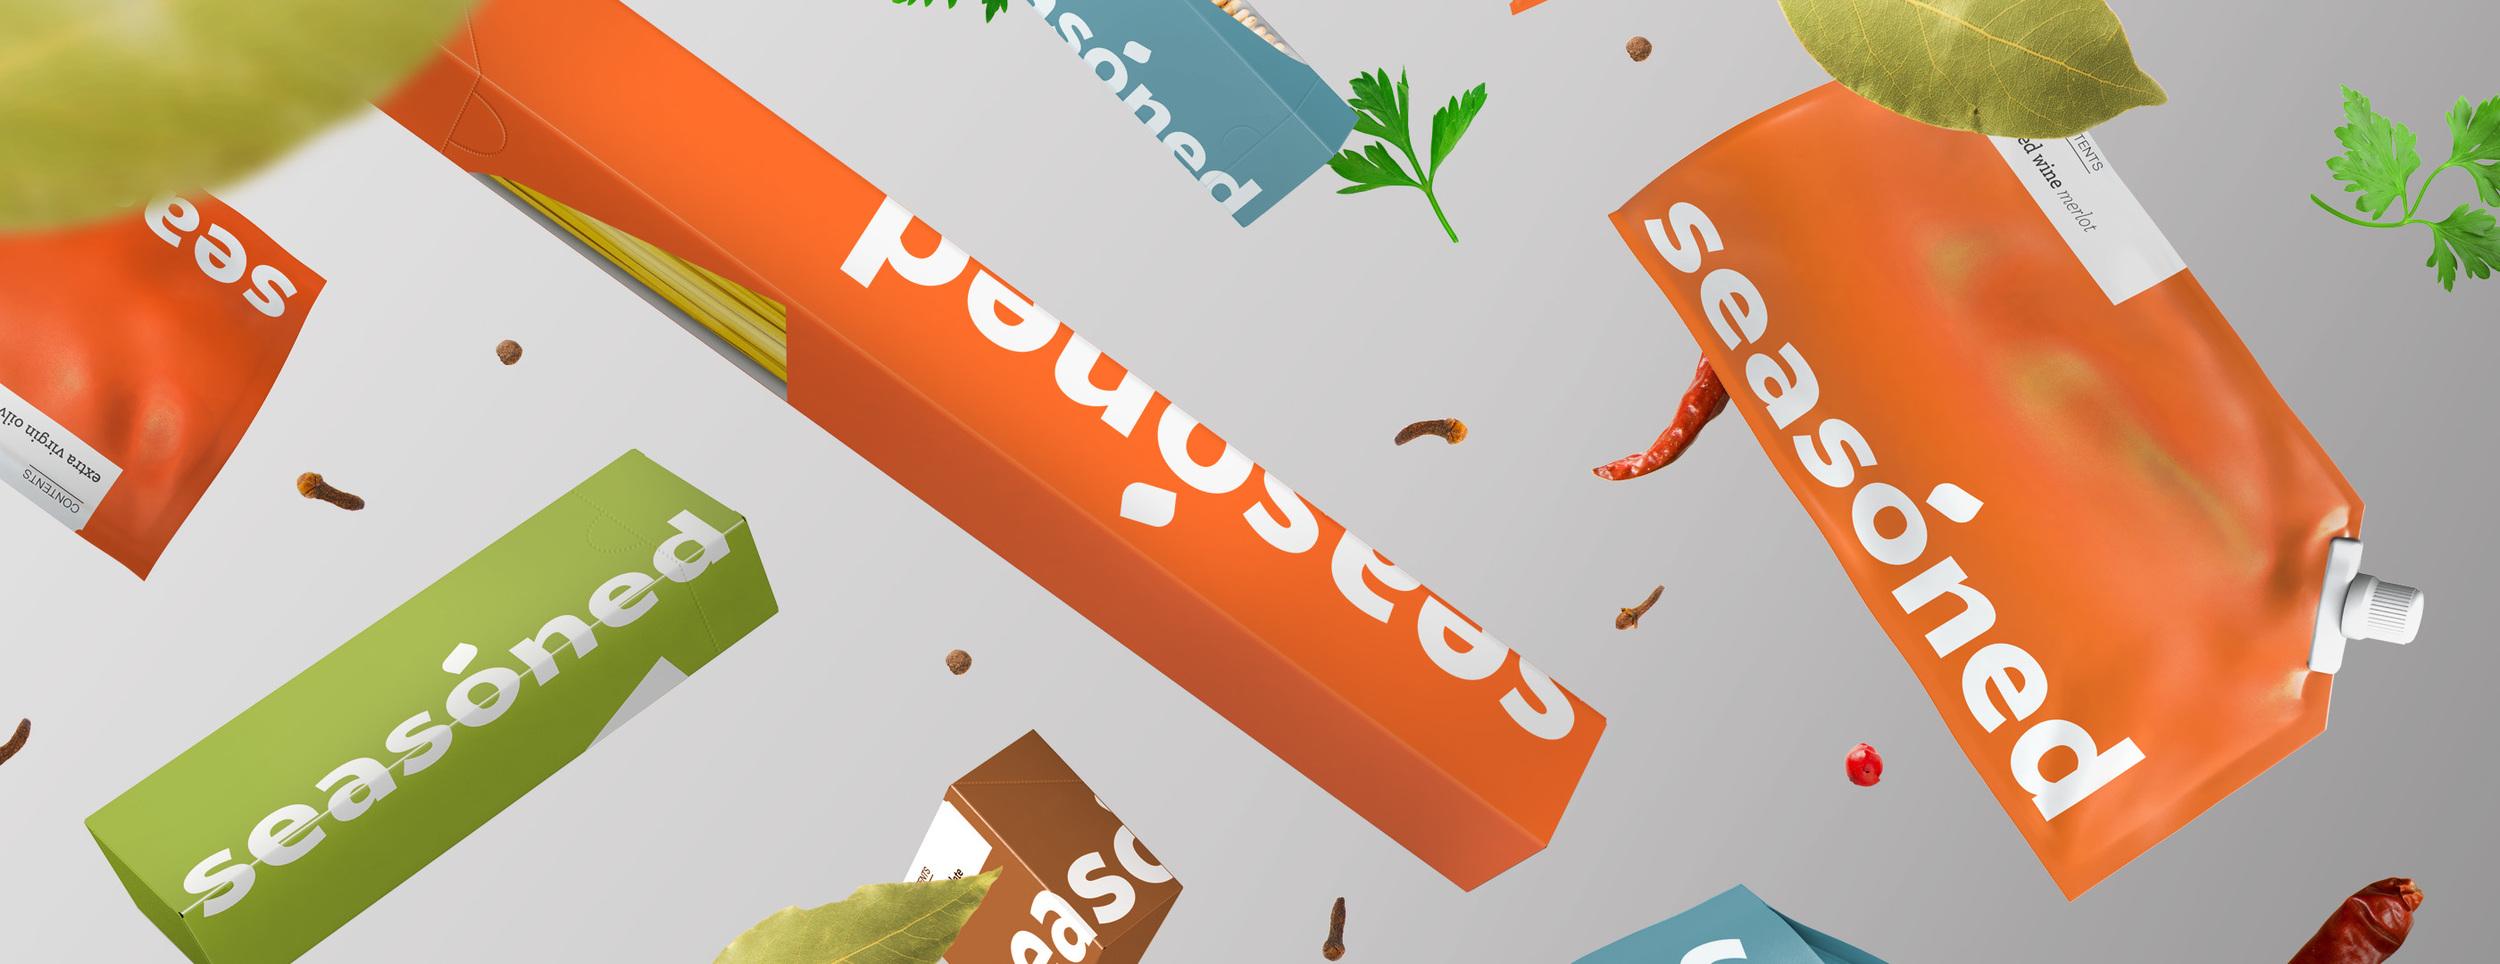 packaging_float.jpg